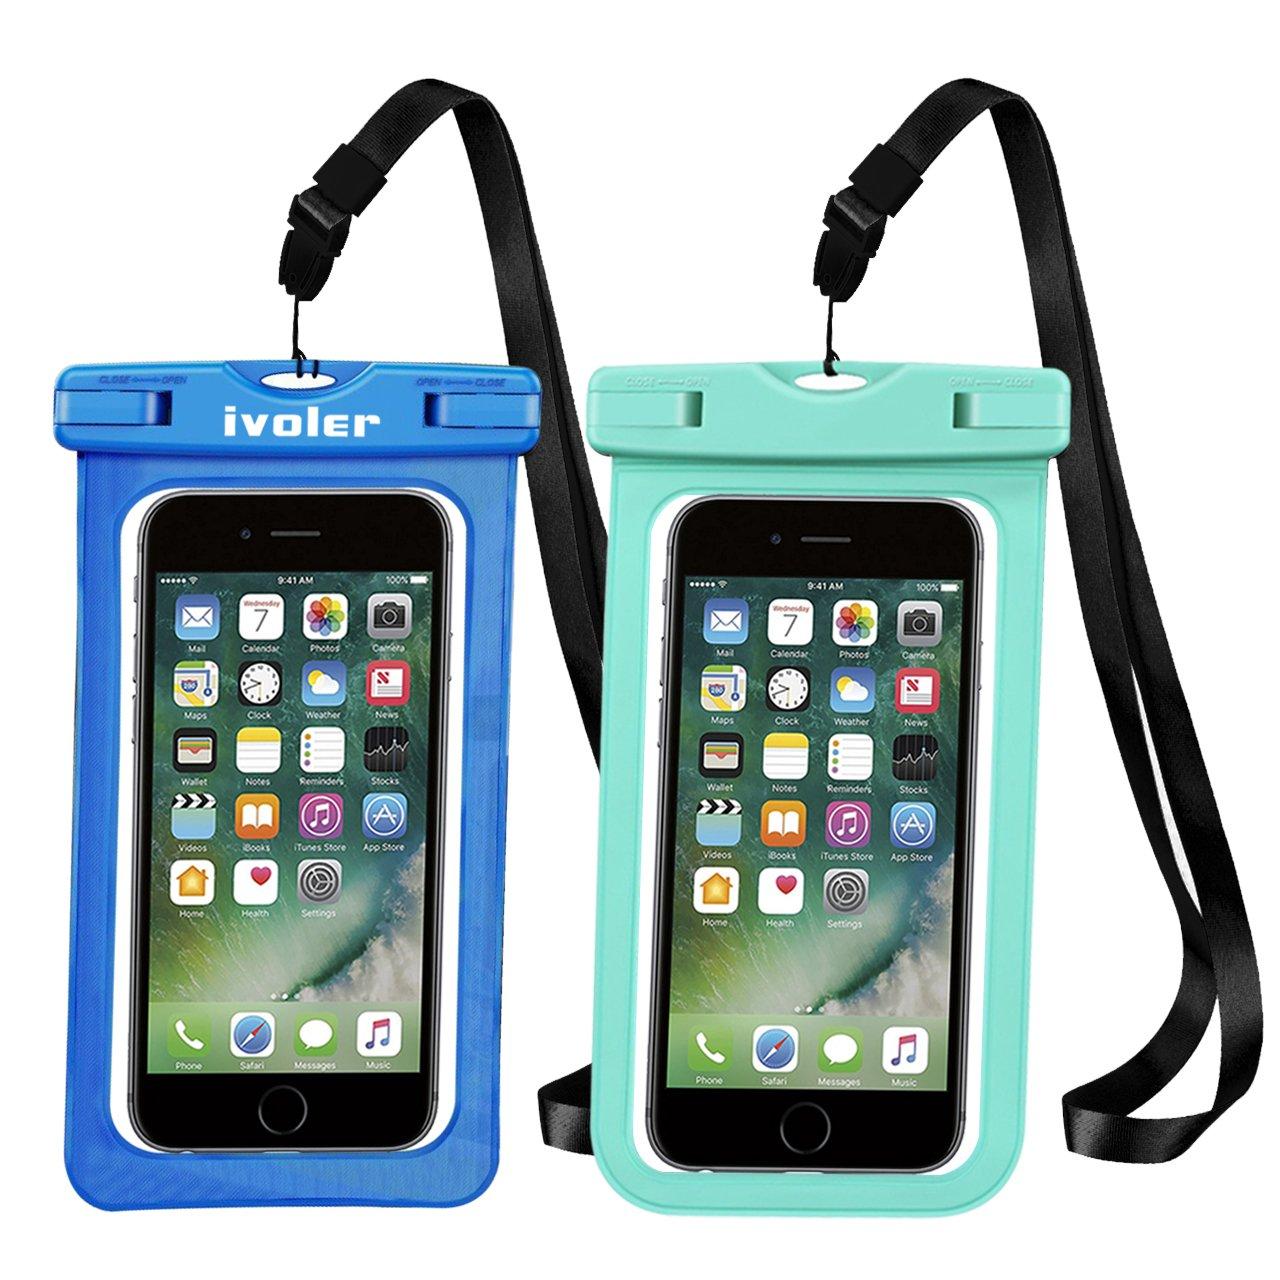 Huawei iVoler Pack de 2 Vert//Rose Pochette /Étanche T/él/éphone Certifi/ée IPX8 Samsung Etui//Housse//Coque /Étanche Smartphones Universel Sac Protection pour iPhone Jusqu/à 6,5 Pouce